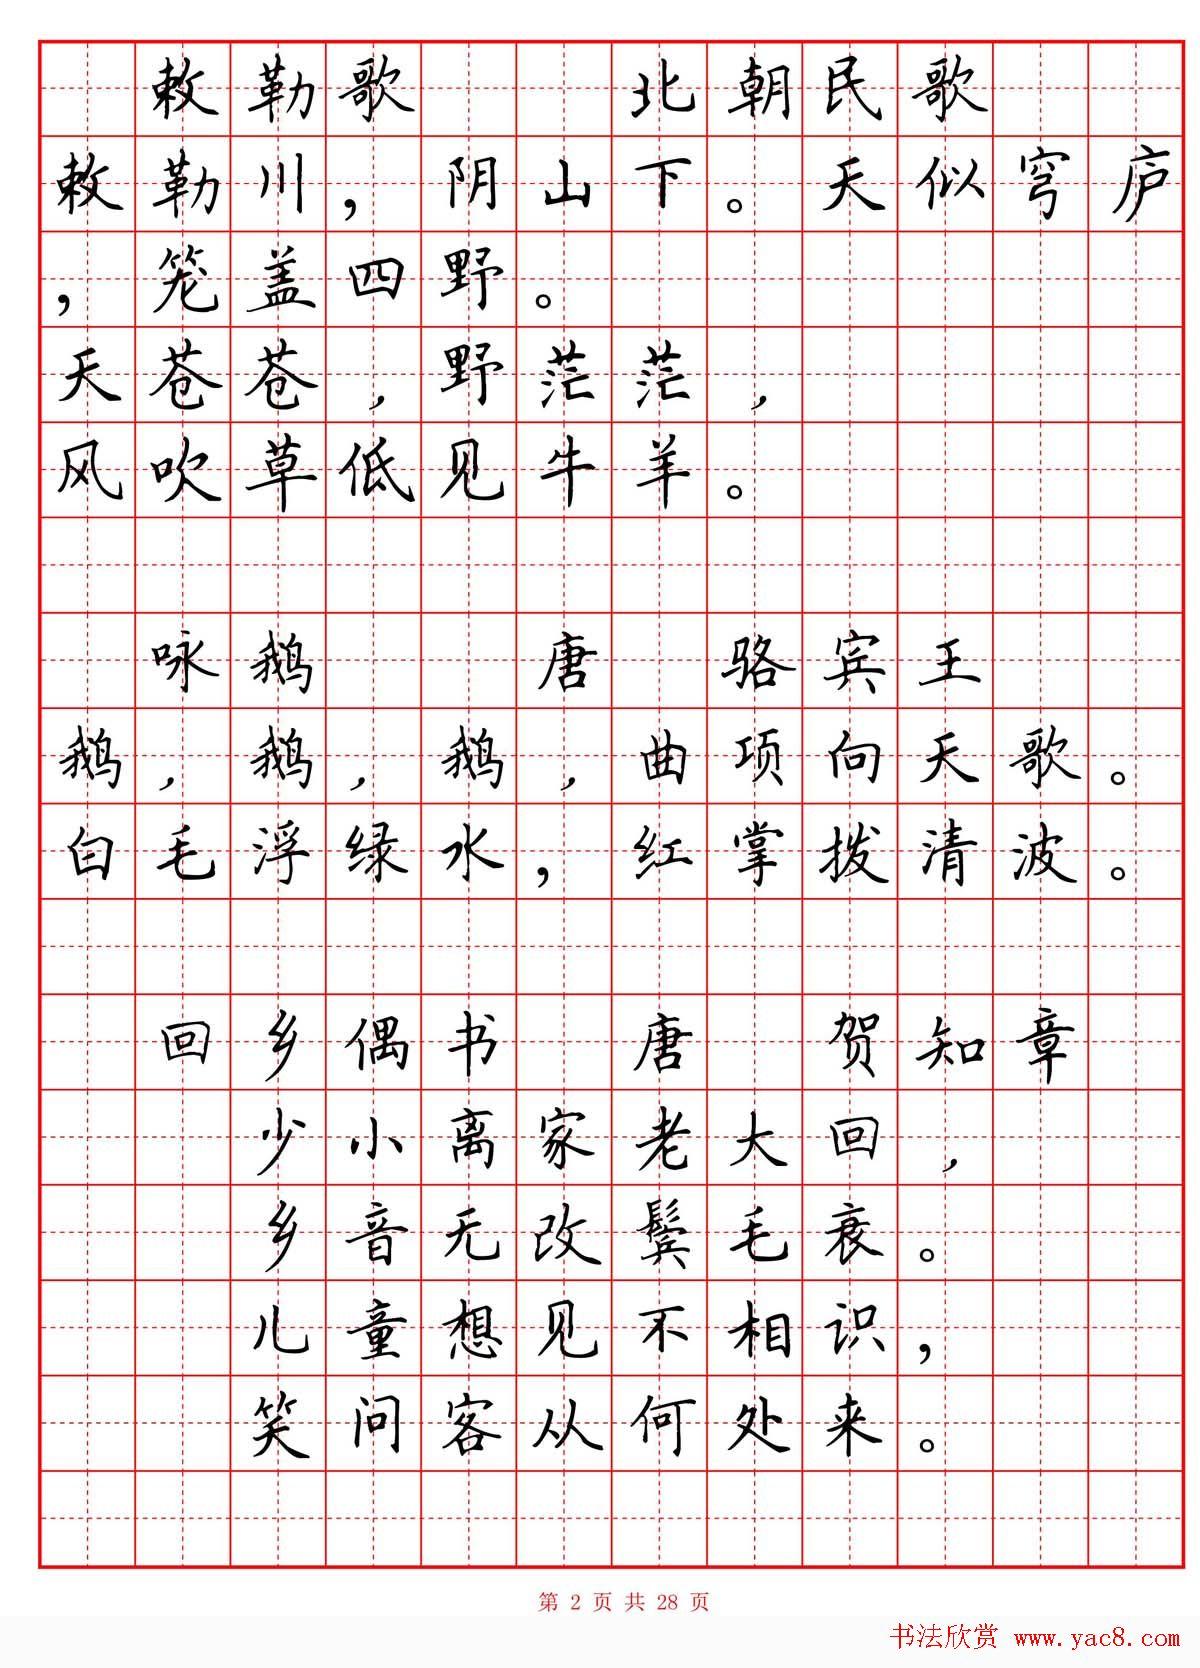 硬笔书法字帖 小学生必背古诗词八十首 第2页 钢笔字帖 书法欣赏